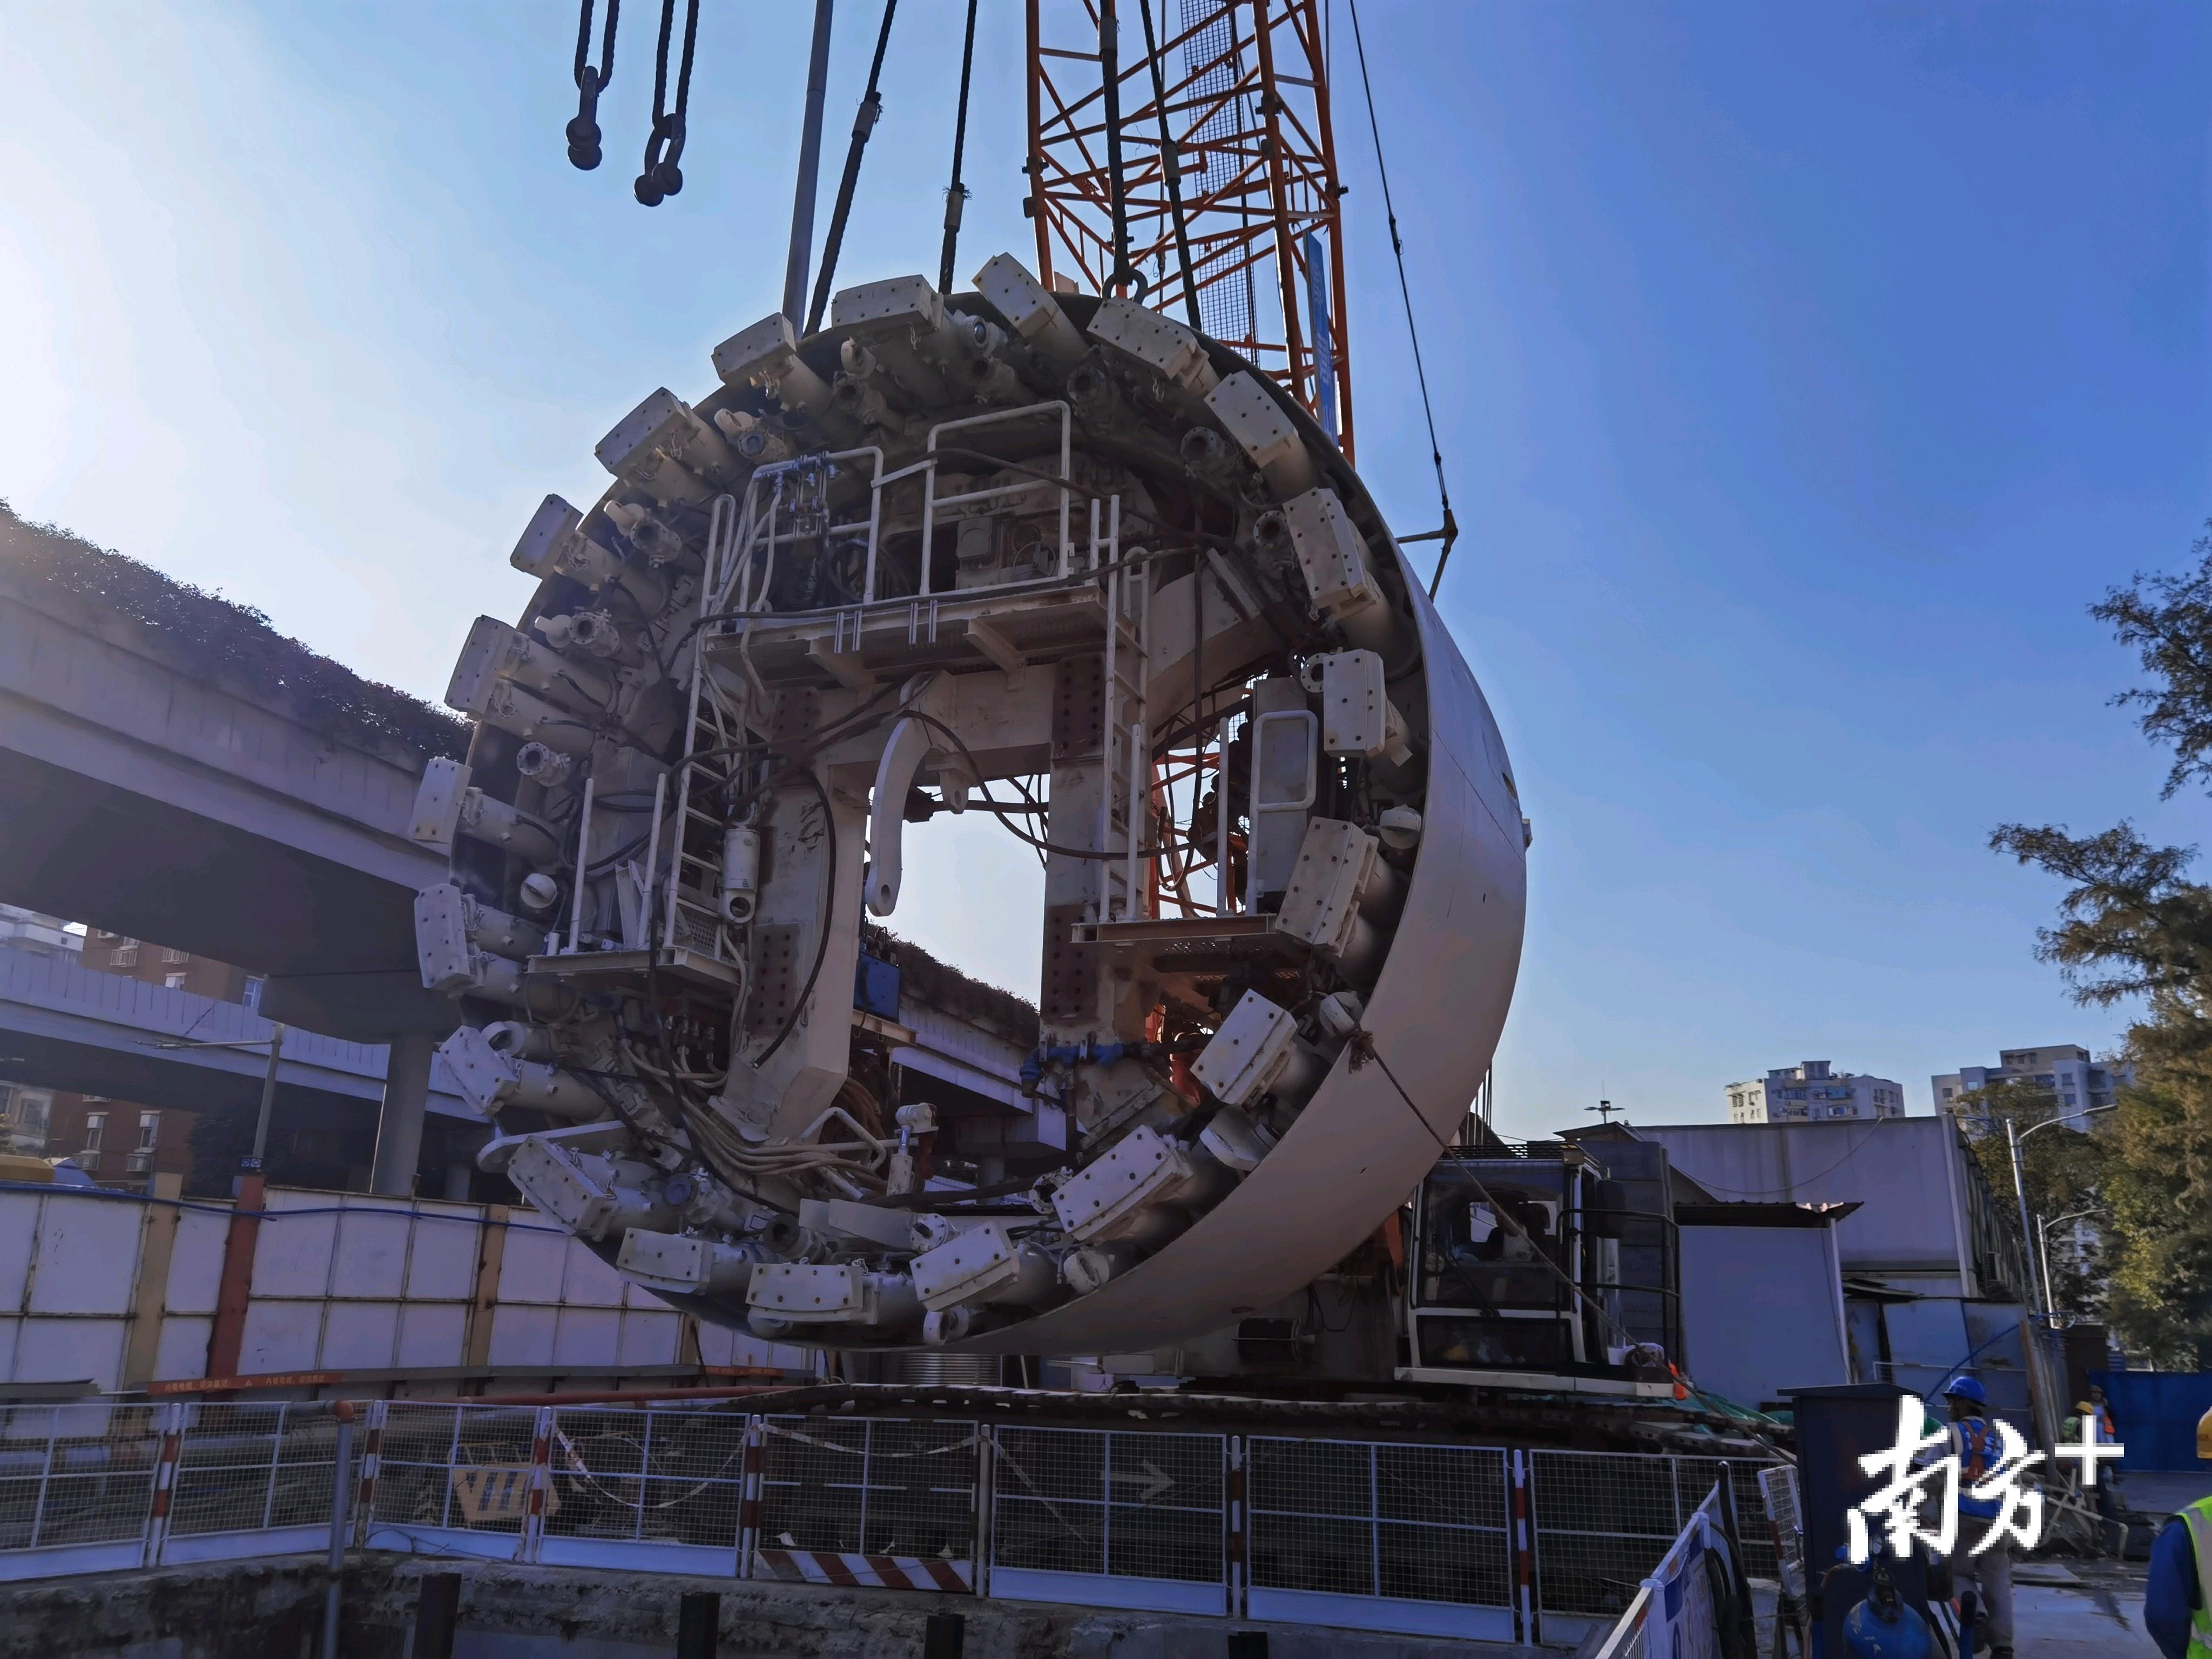 马不断蹄!去年广州cc国际网投平台地铁盾构隧道掘进124公里